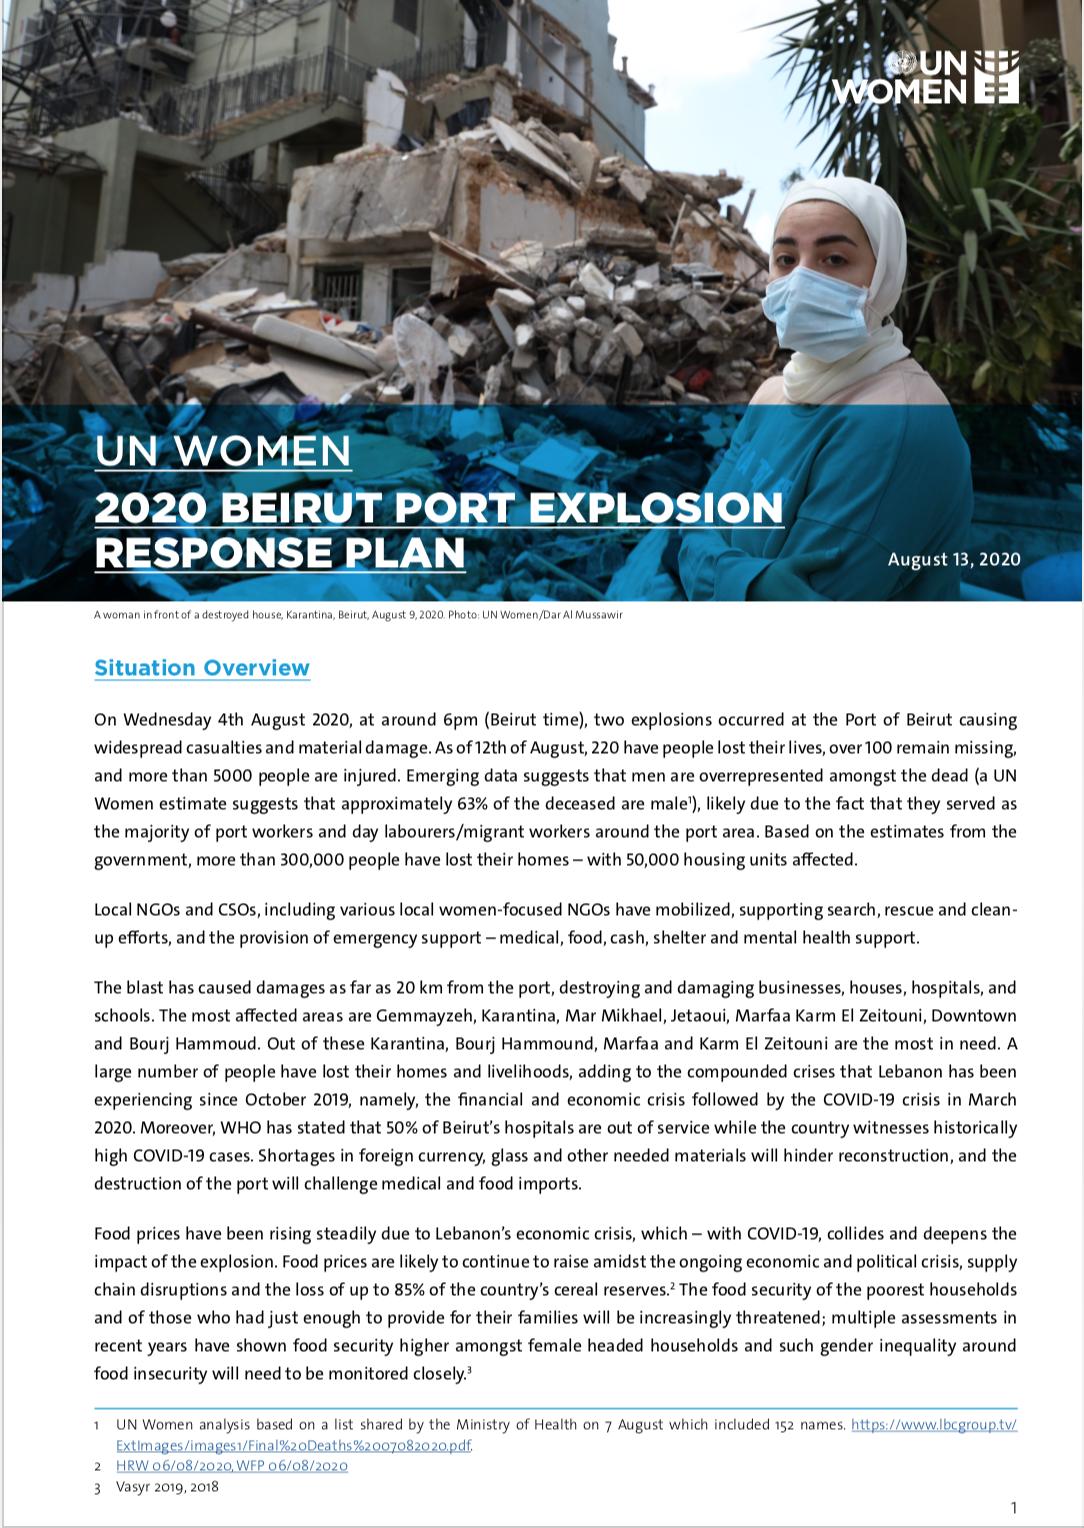 2020 Beirut Port Explosion Response Plan